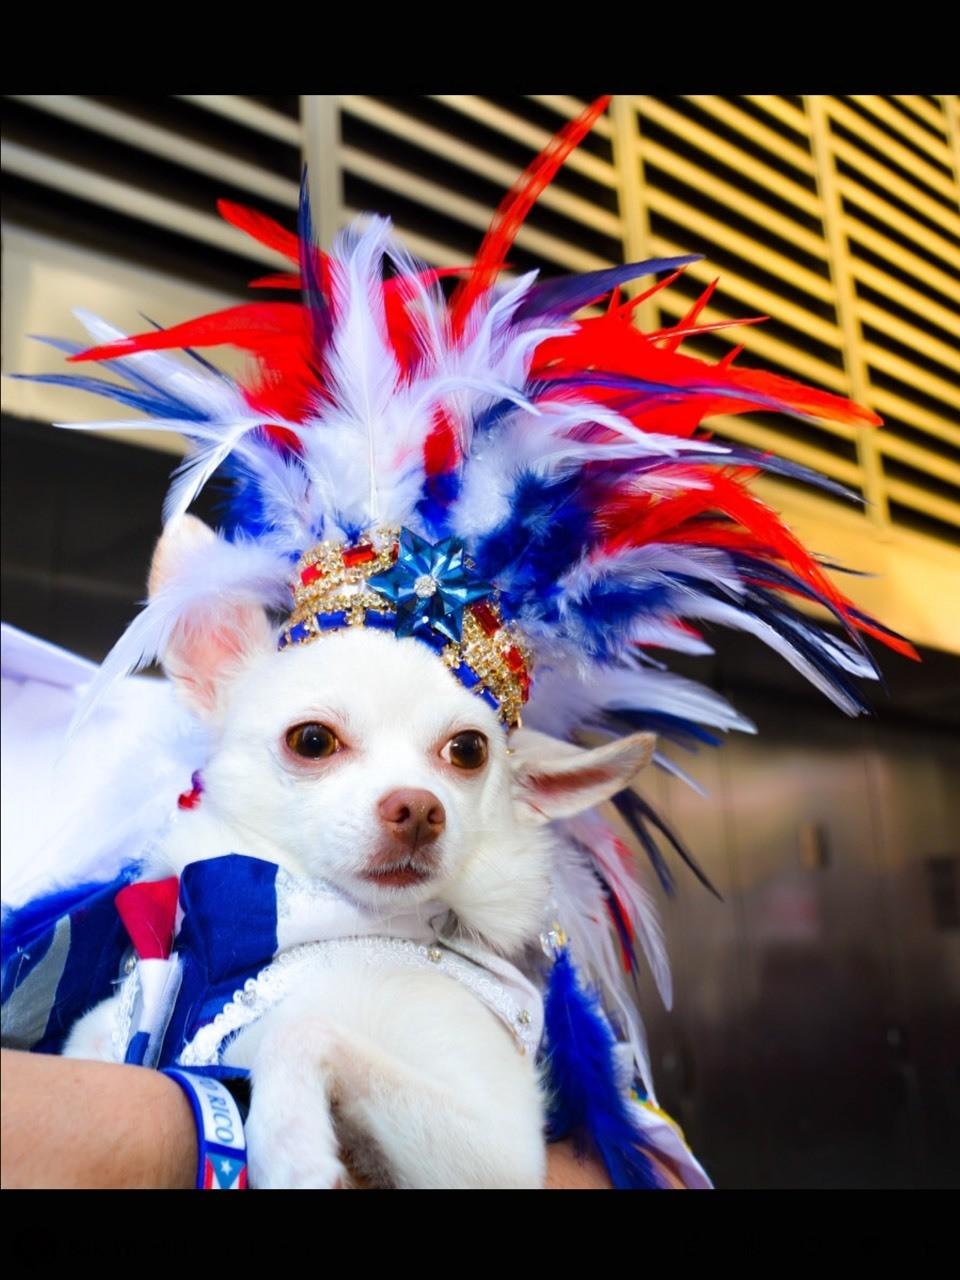 Follow dogs in hats